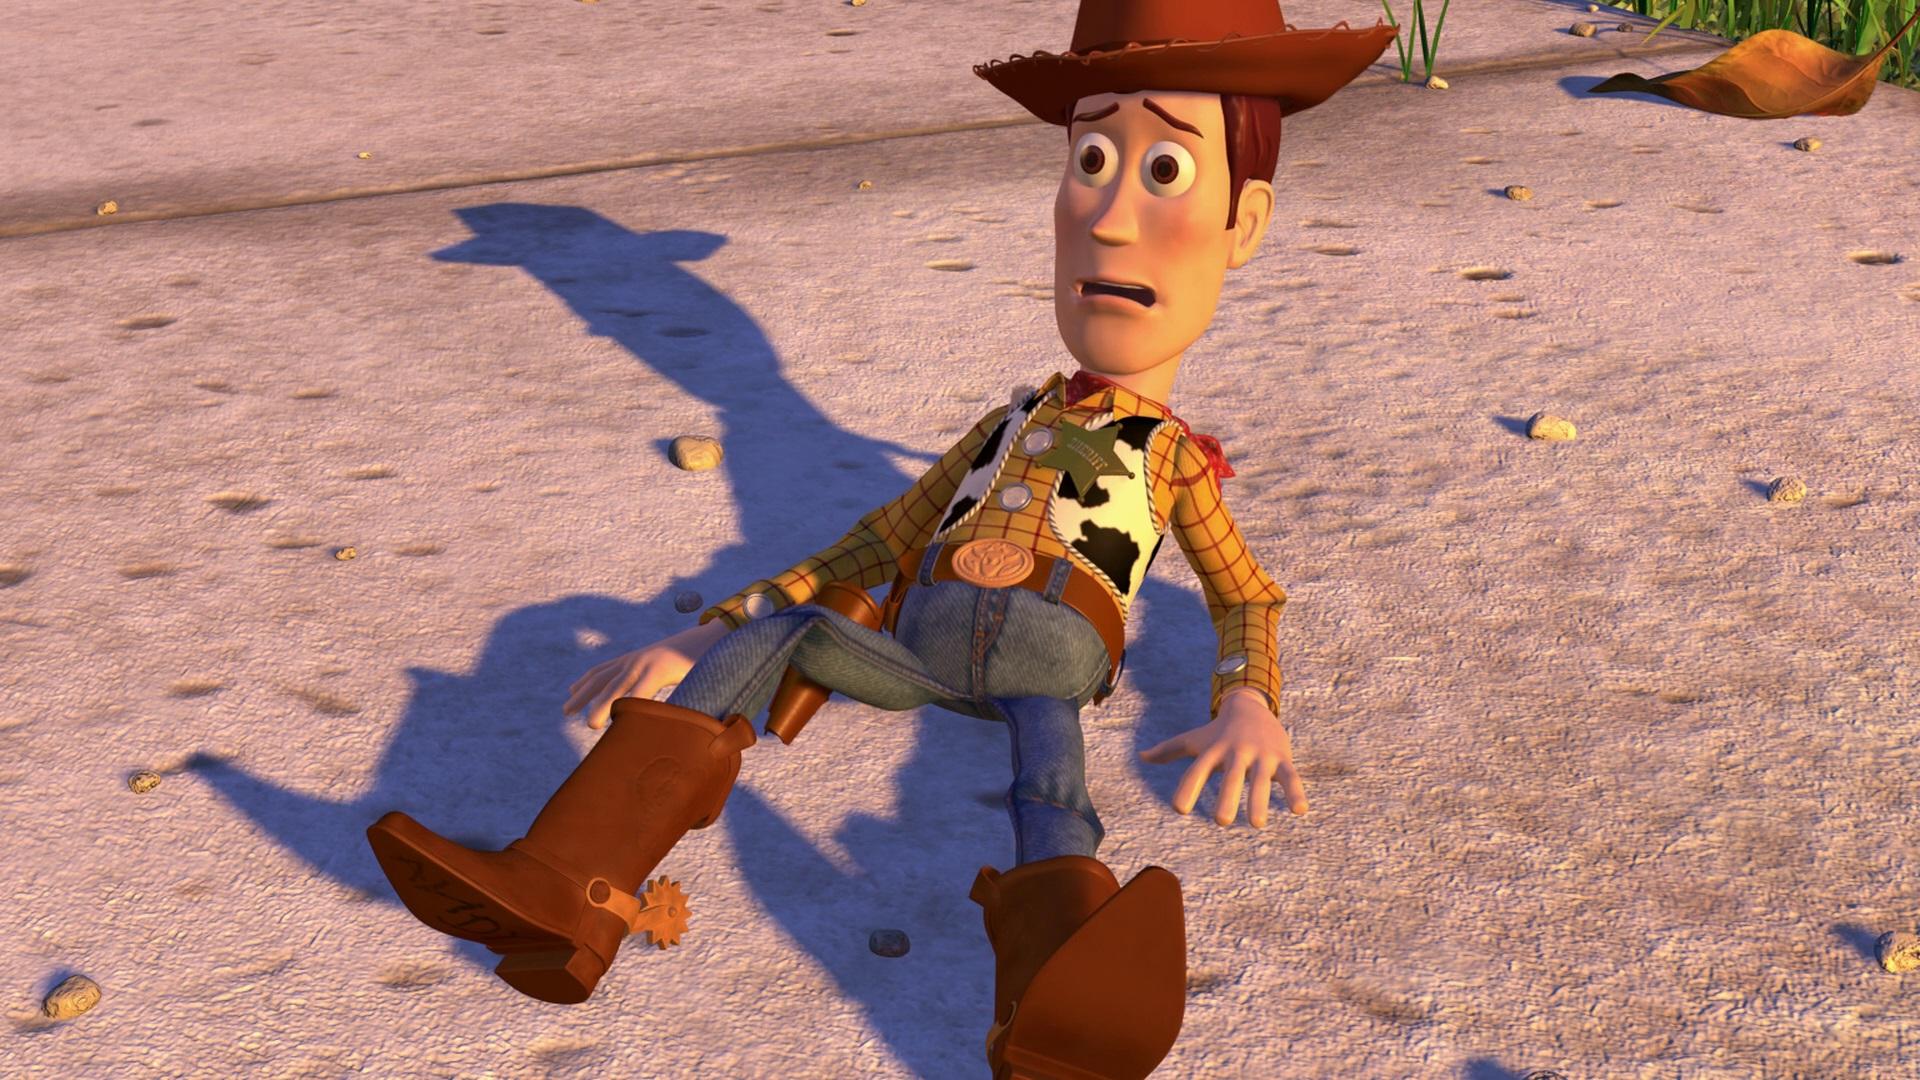 File:Woody 003.jpg